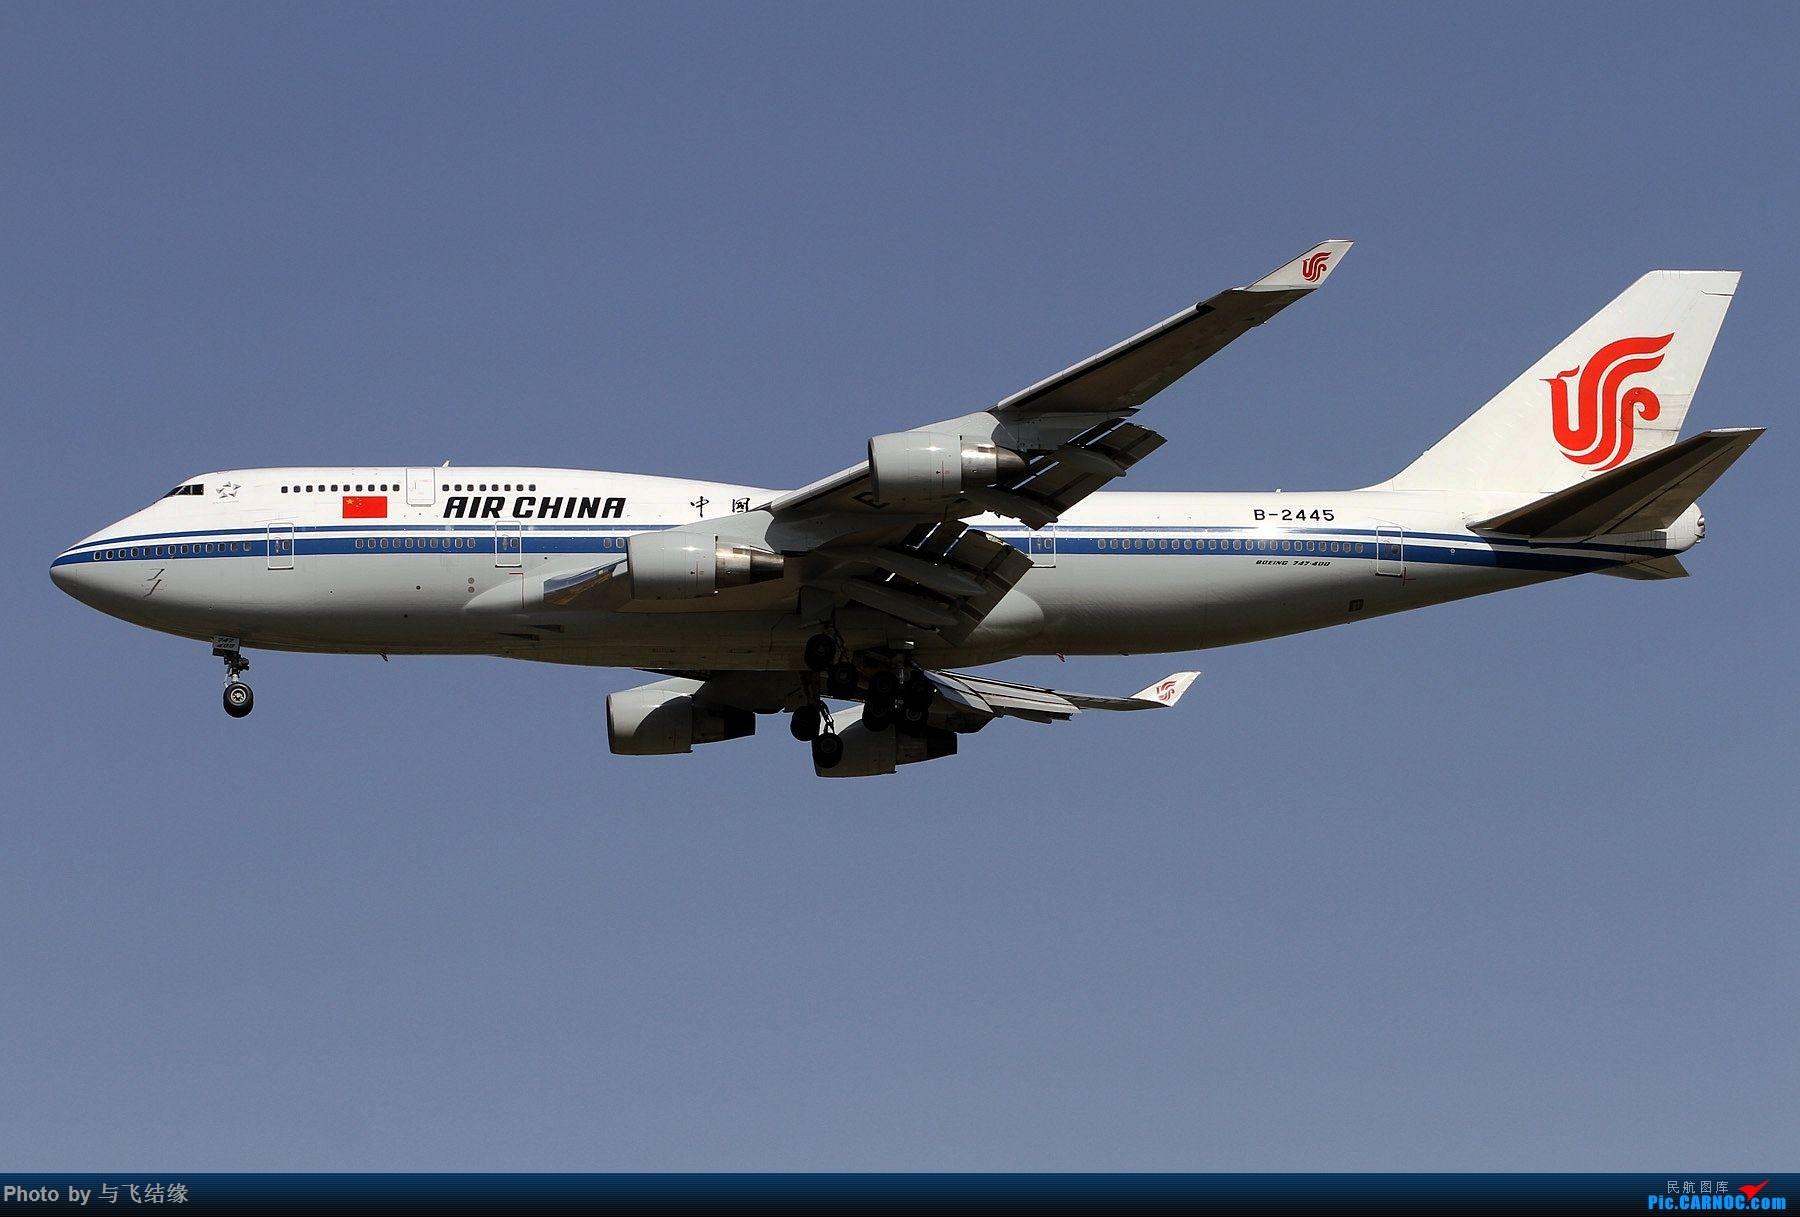 Re:[原创]今日是周末,月末,年末2018年最后一贴,预祝朋友们2019年新年快乐!万事如意! BOEING 747-400 B-2445 中国北京首都国际机场